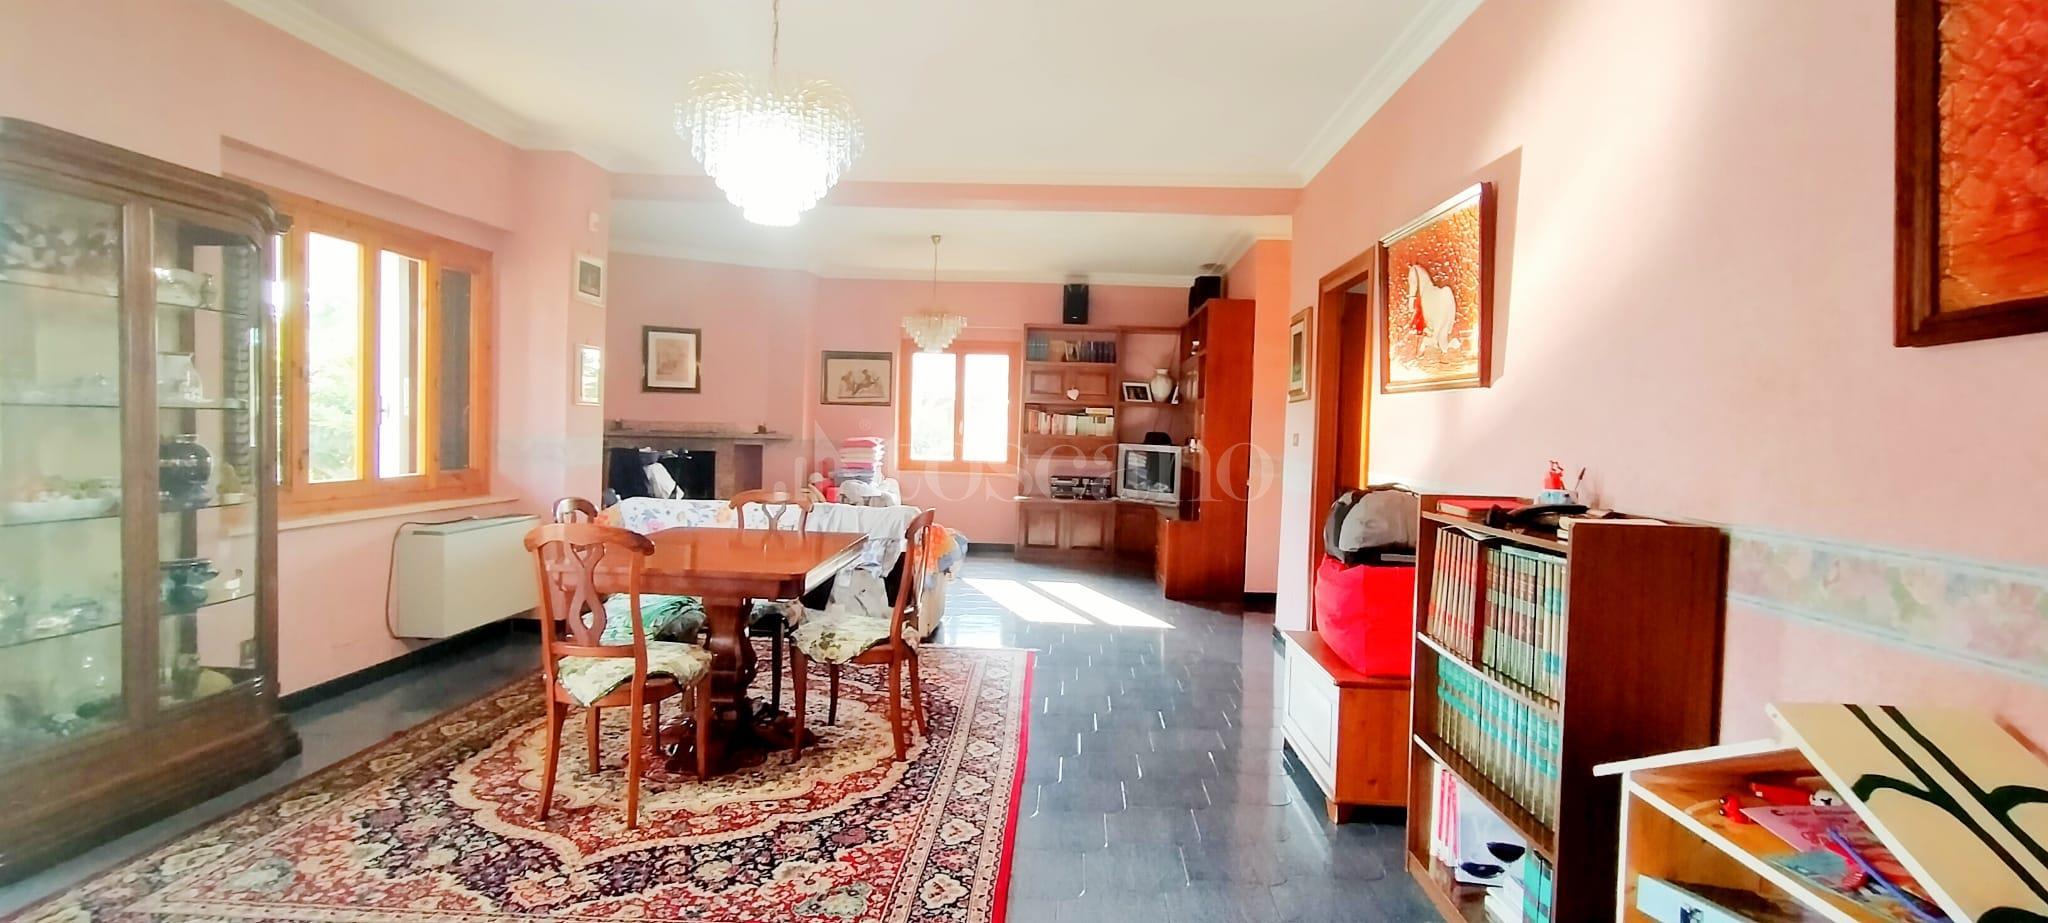 Villa in vendita di 350 mq a €799.000 (rif. 58/2020) immagine 10 di 15